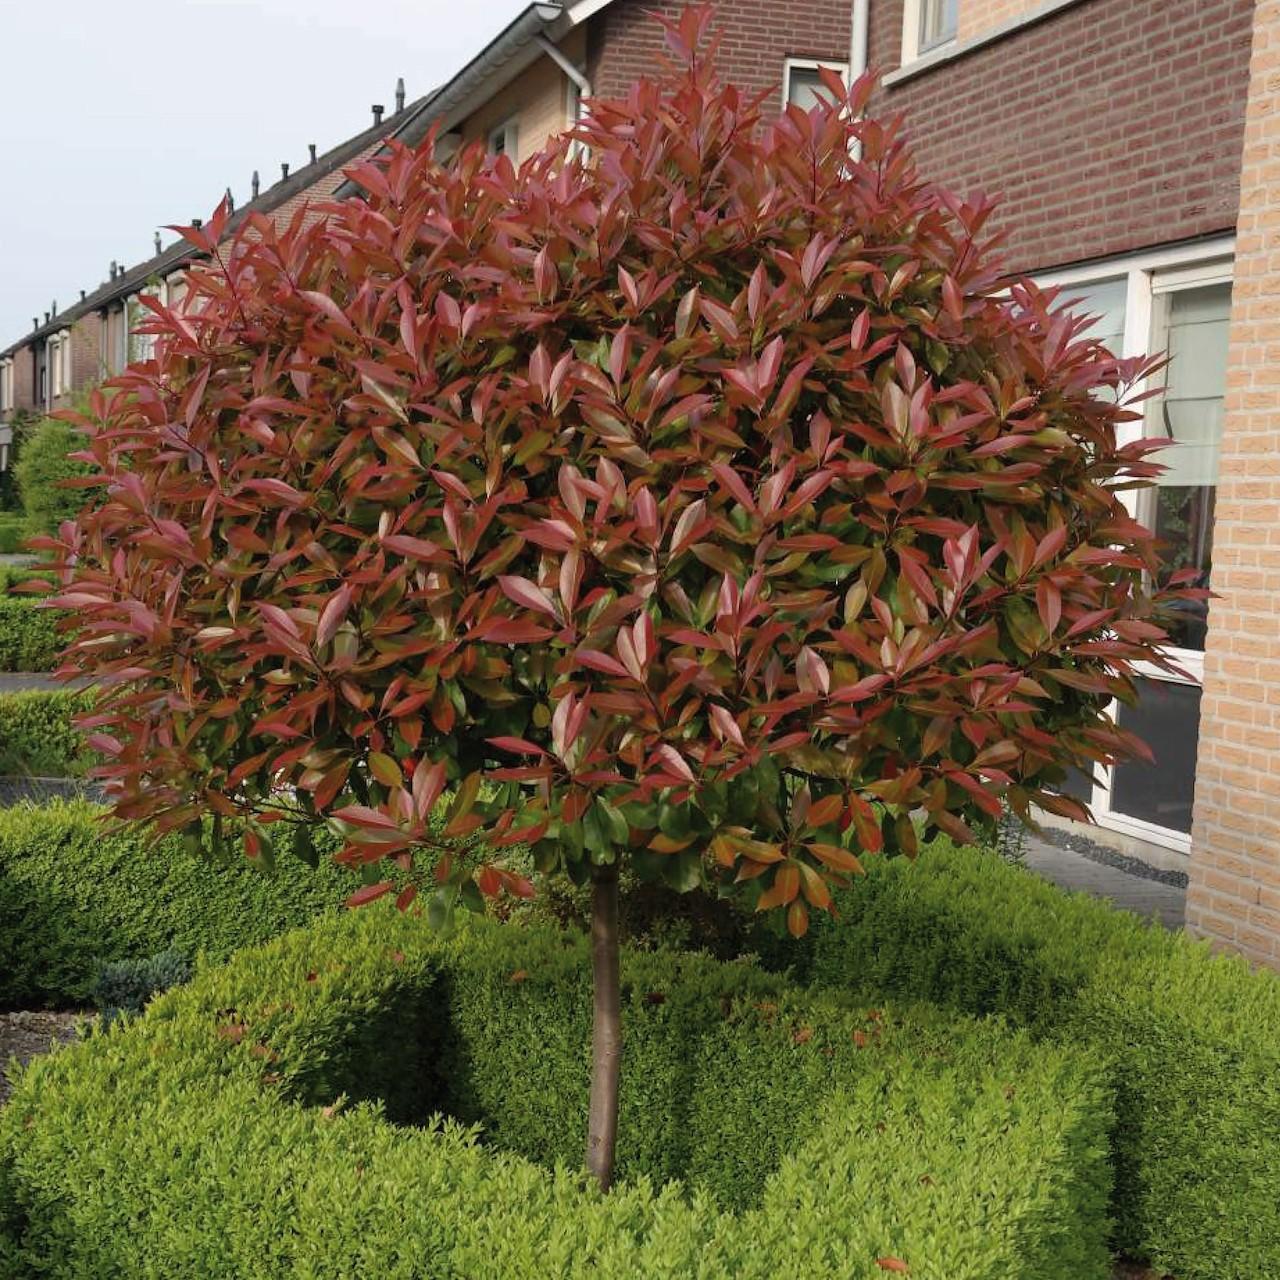 Wonderbaarlijk Bomen die altijd groen blijven - Tuincentrum Pelckmans XU-54